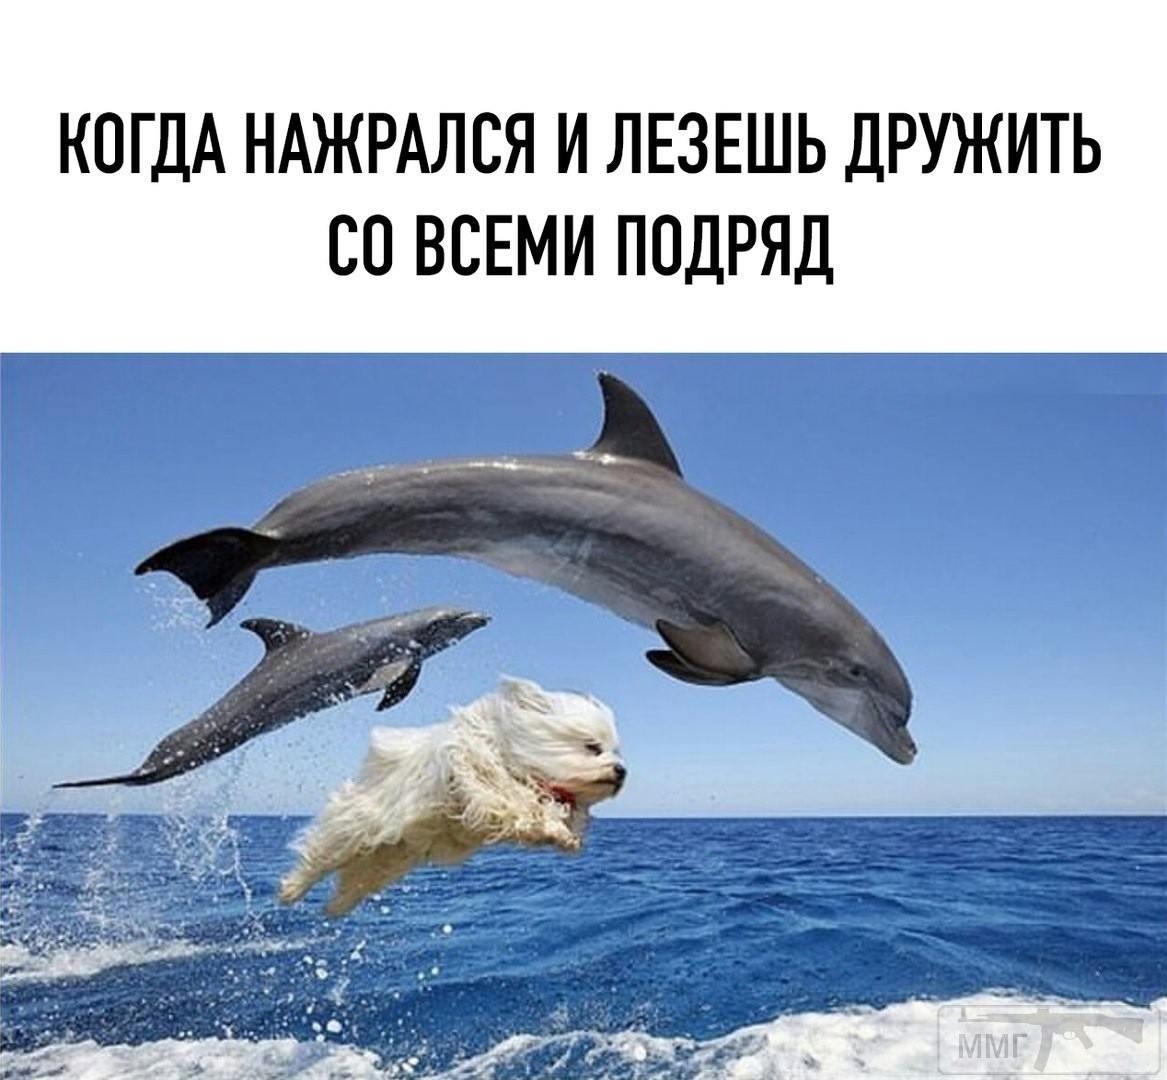 106804 - Пить или не пить? - пятничная алкогольная тема )))